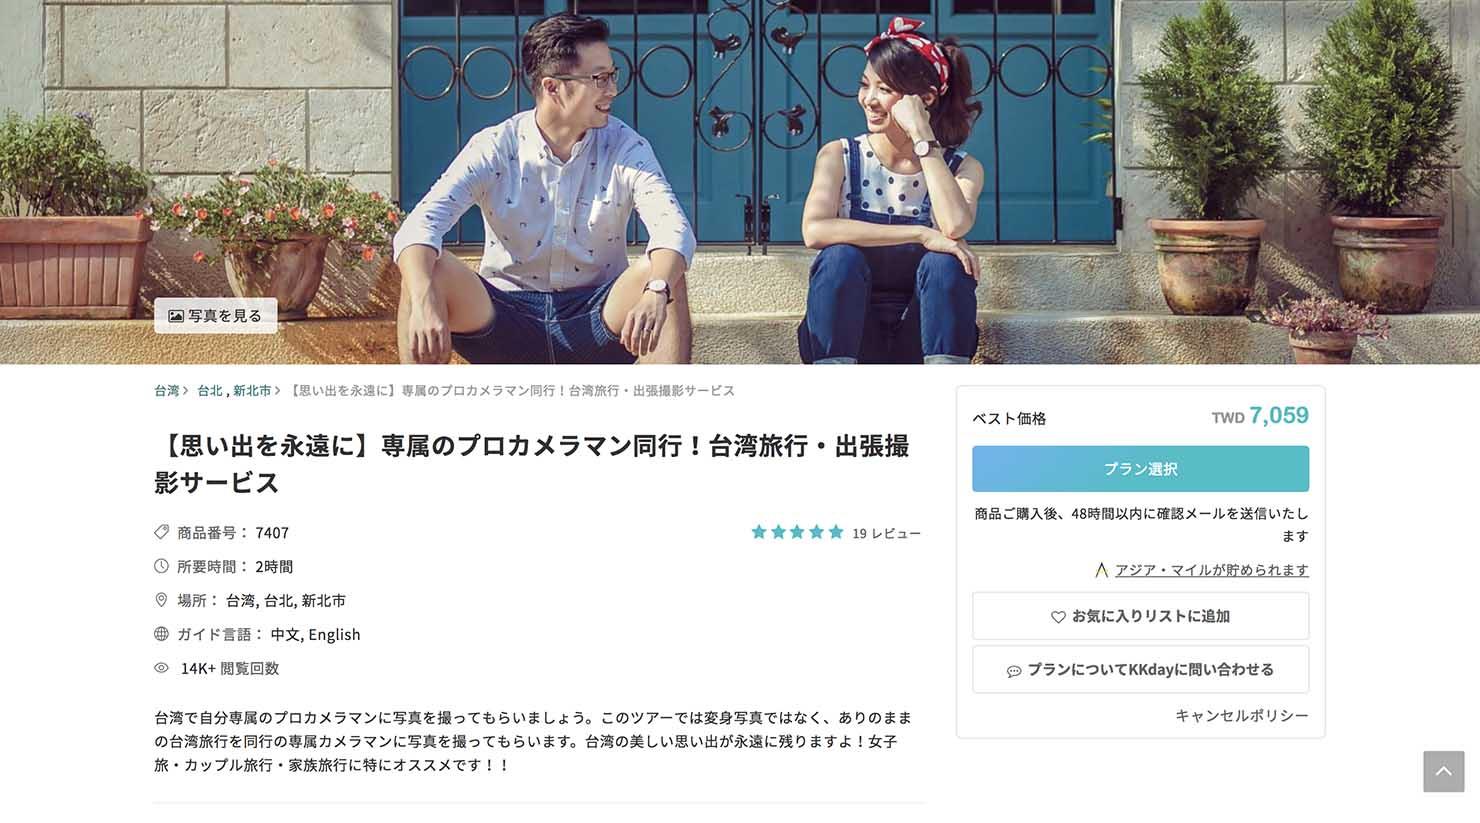 台湾の旅行サイト「KKday」のプランページ